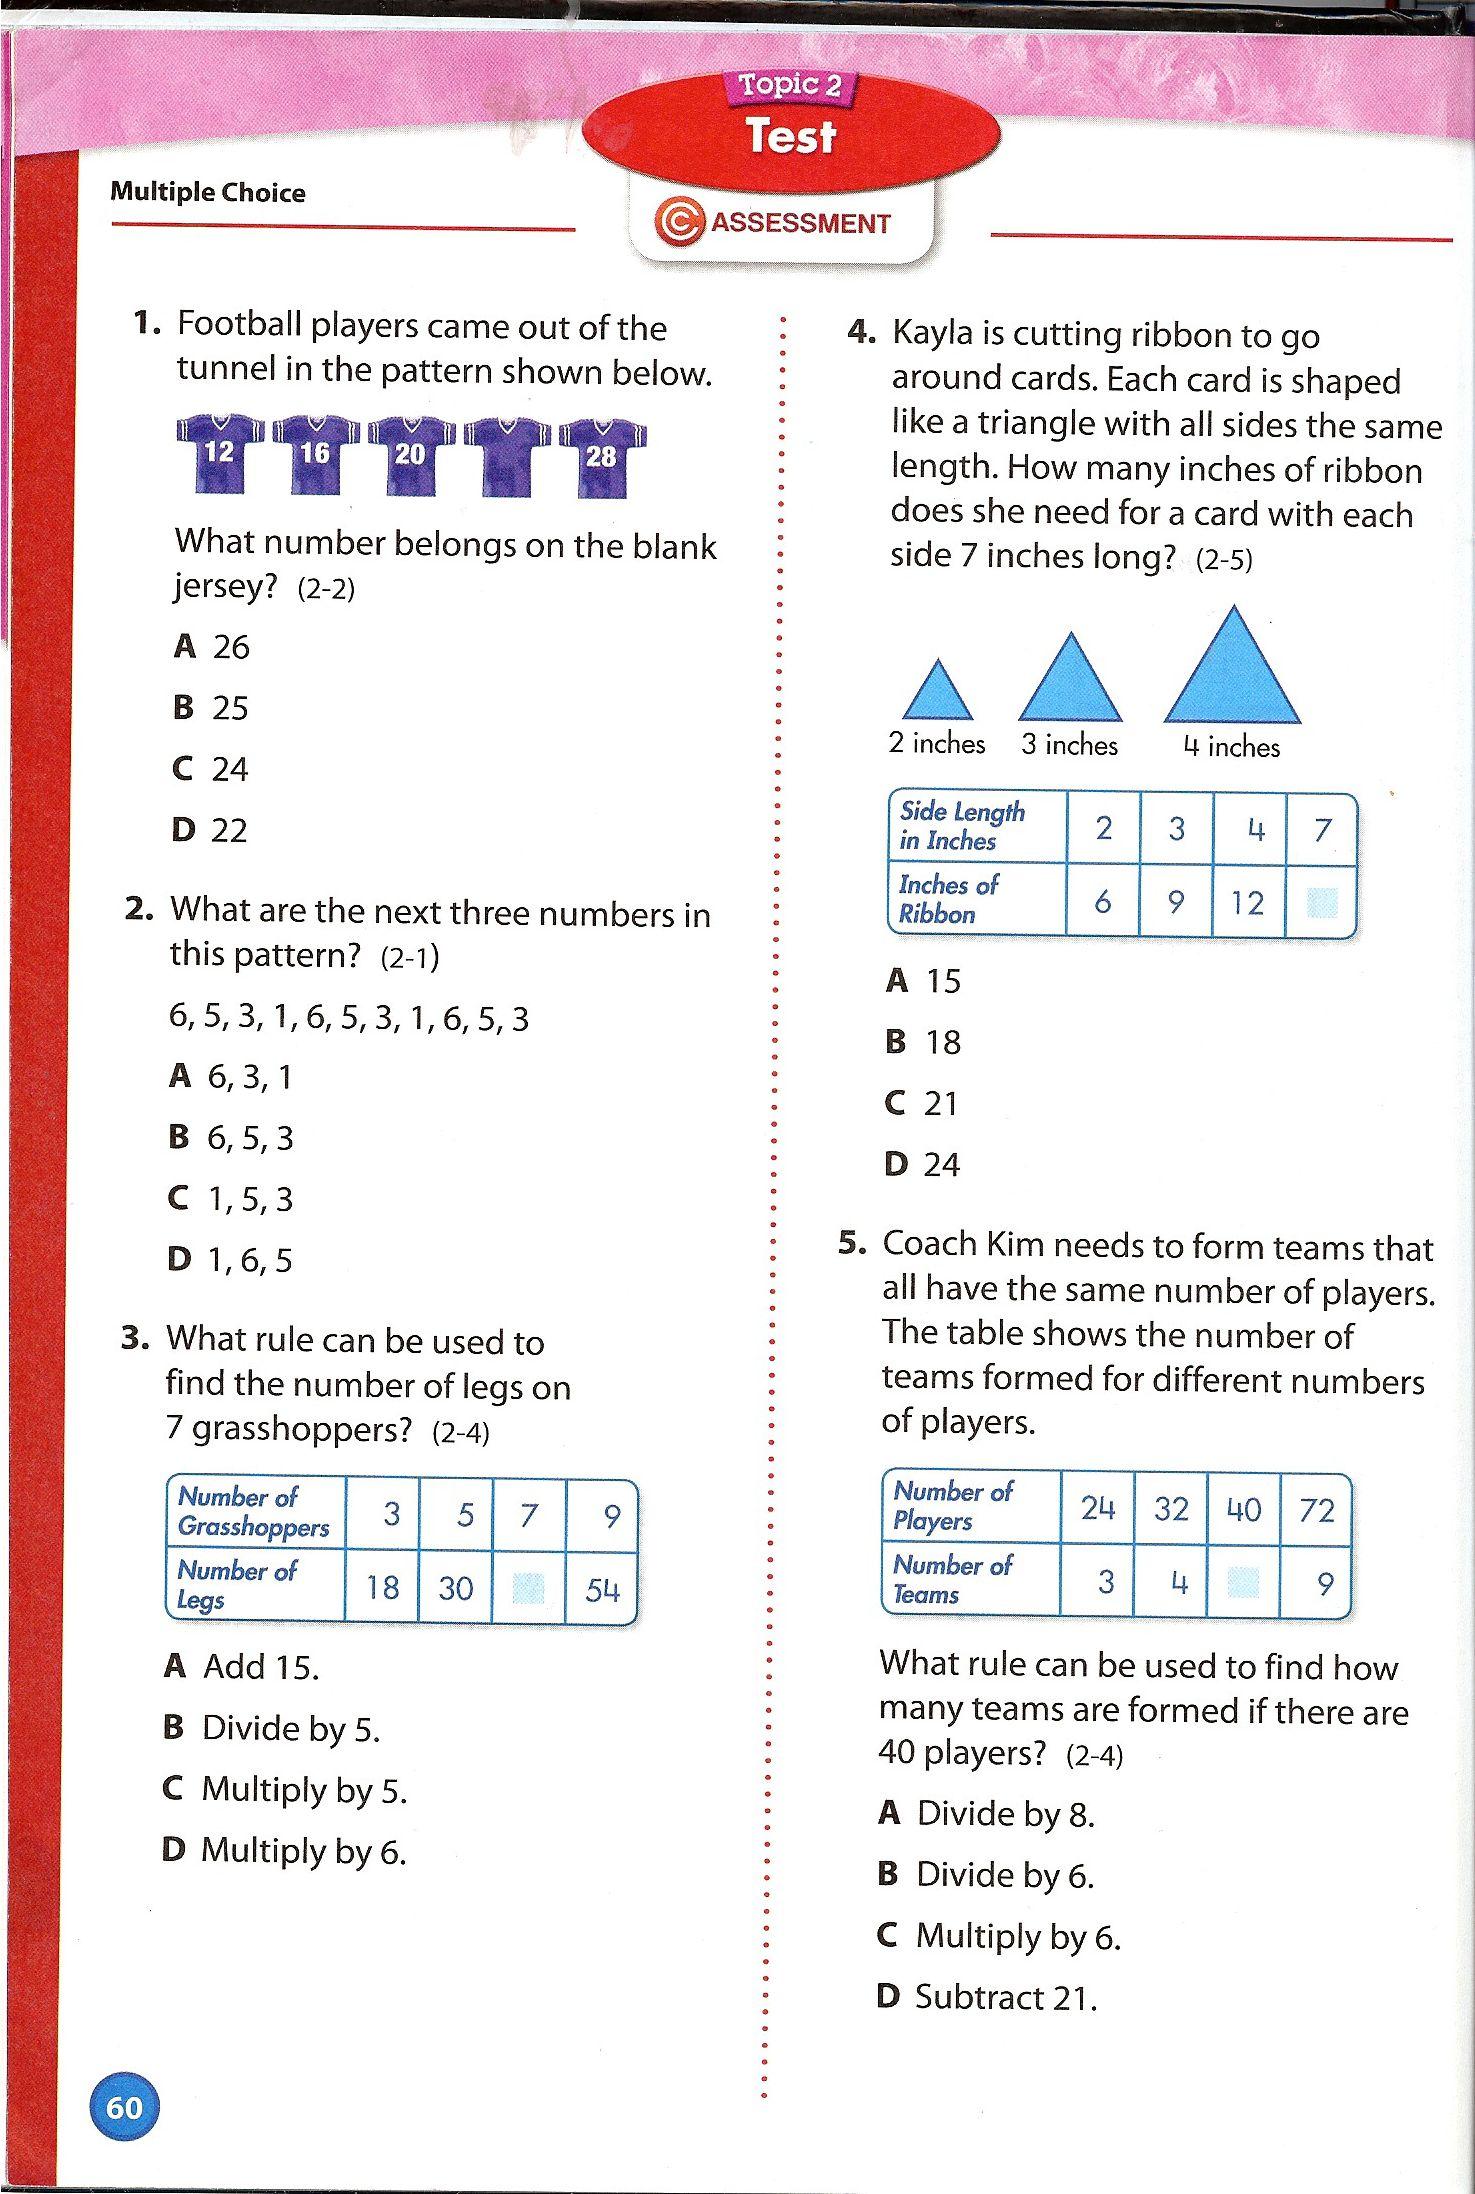 medium resolution of 12 Envision 4th Grade Math ideas   envision math